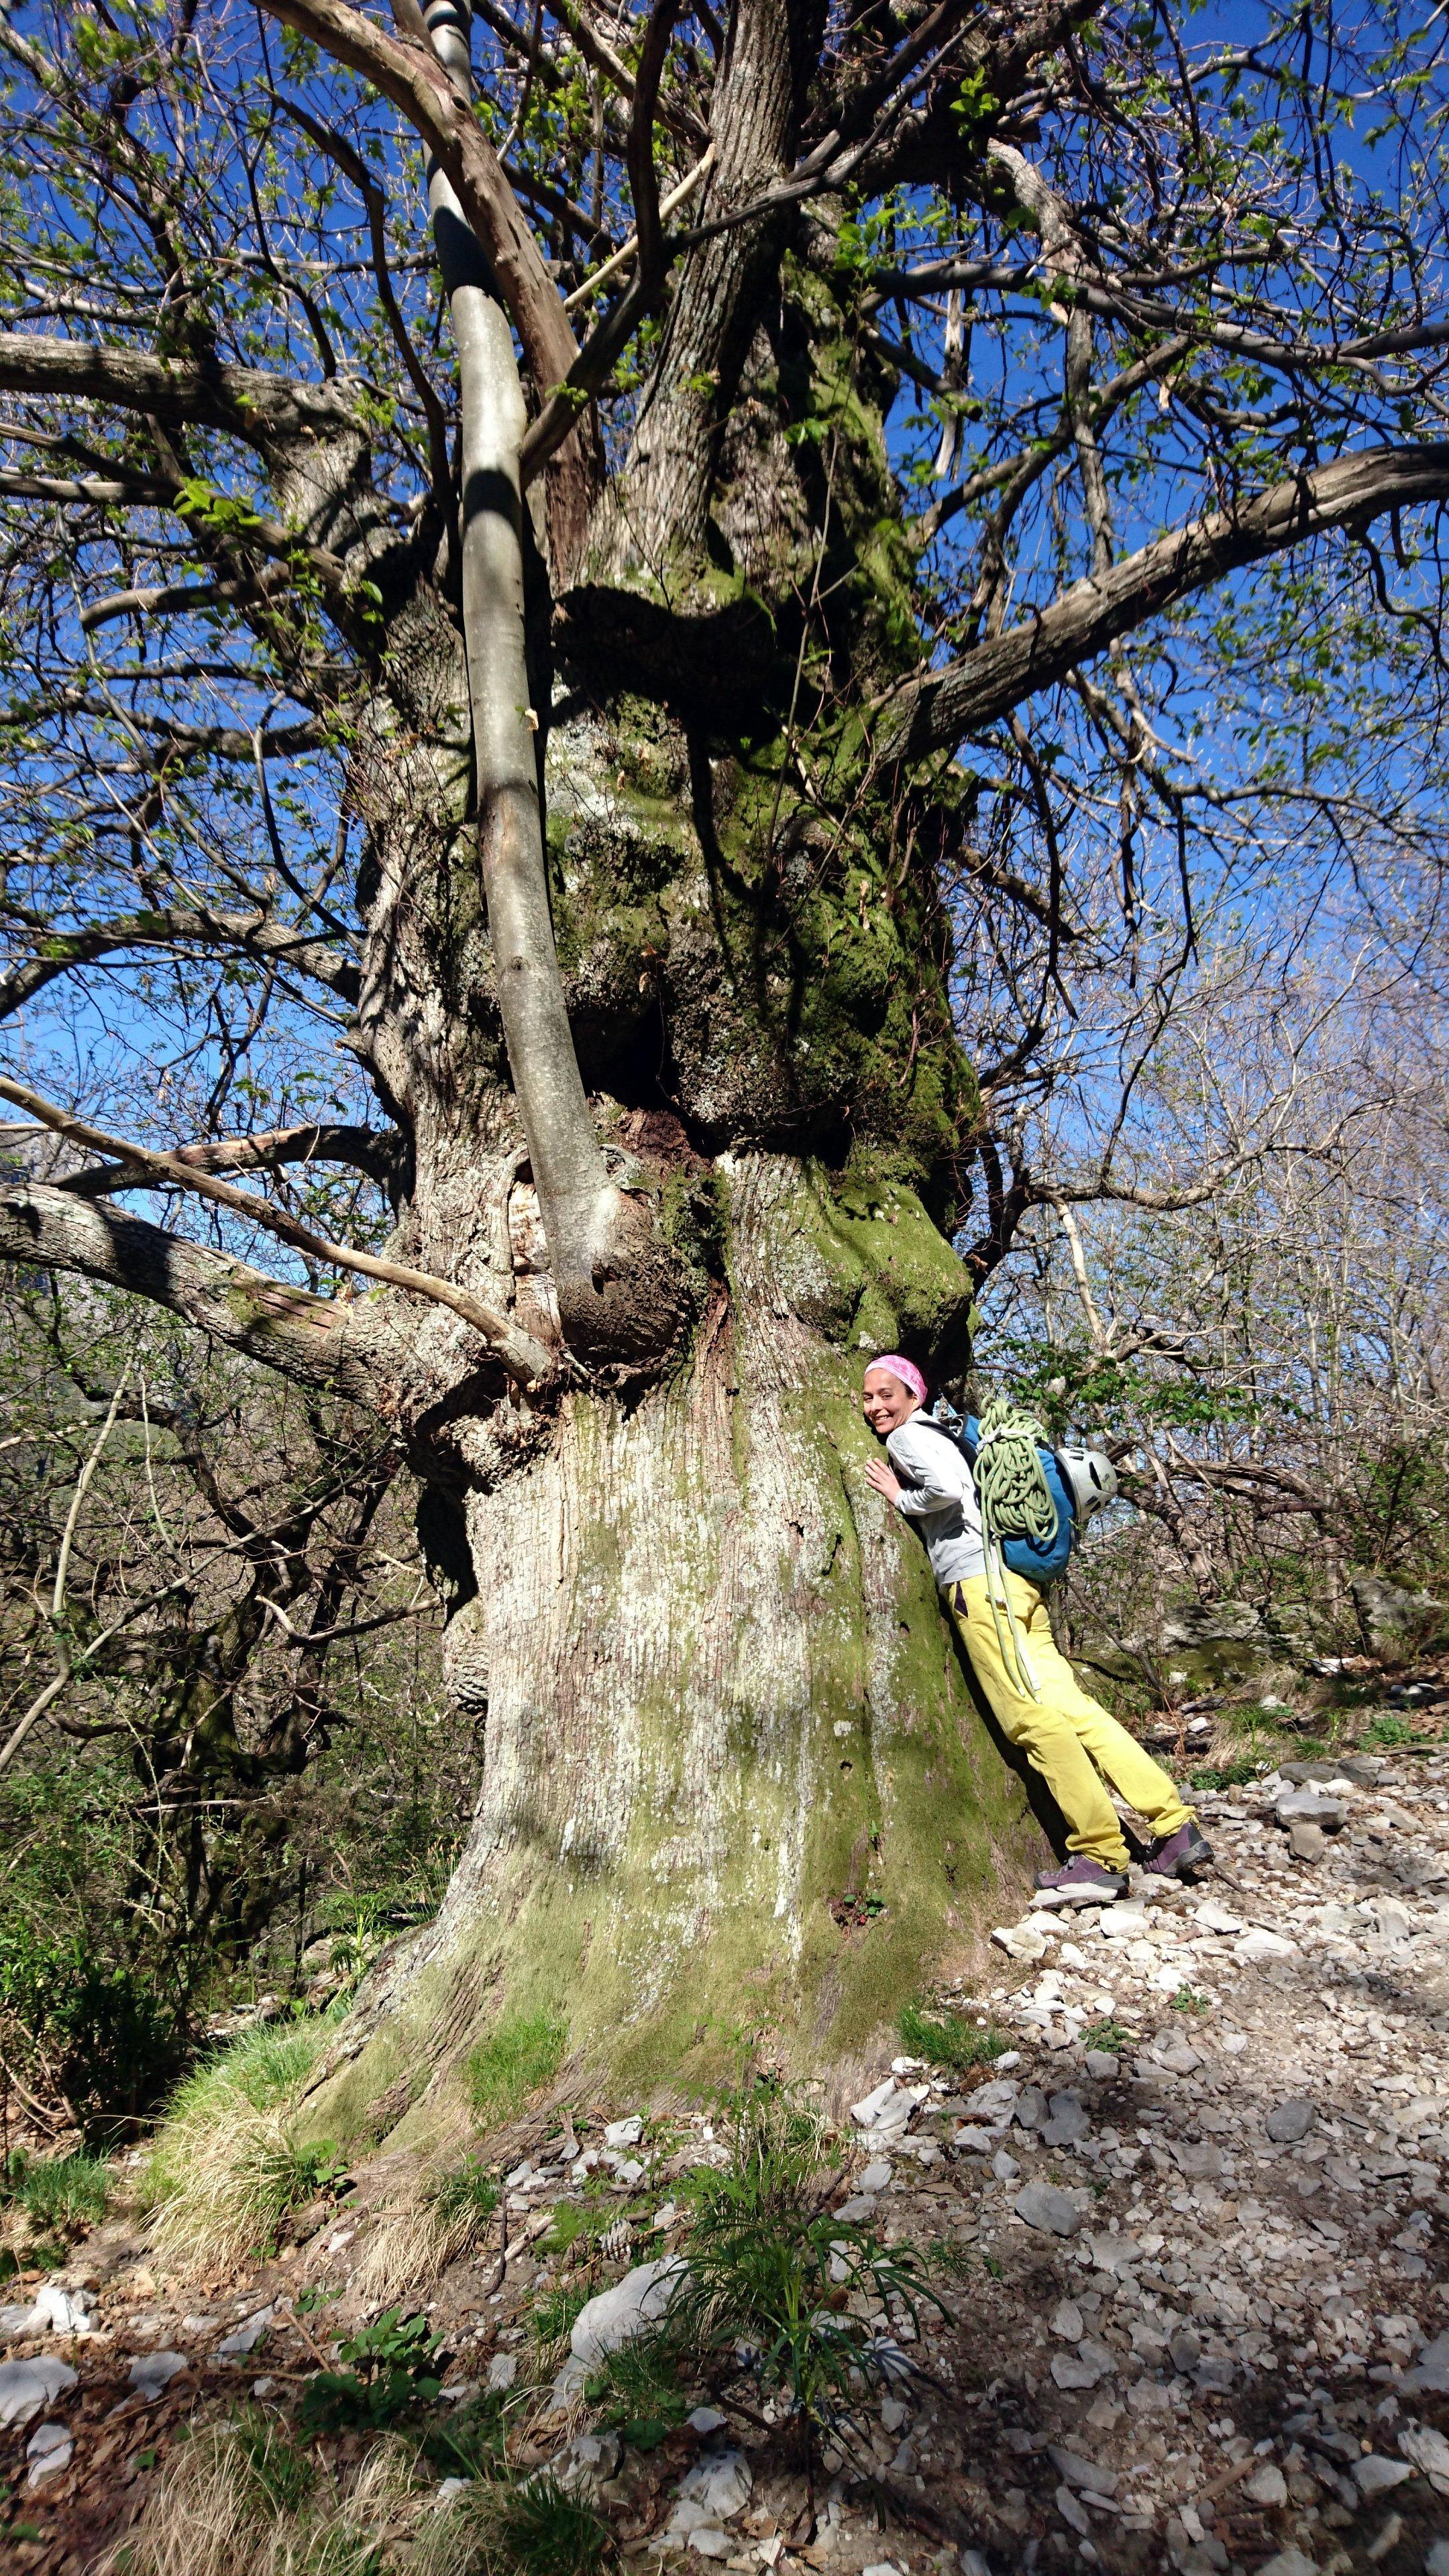 In salita verso la Capanna Garnerone troviamo diversi alberi antichi dal fusto gigante